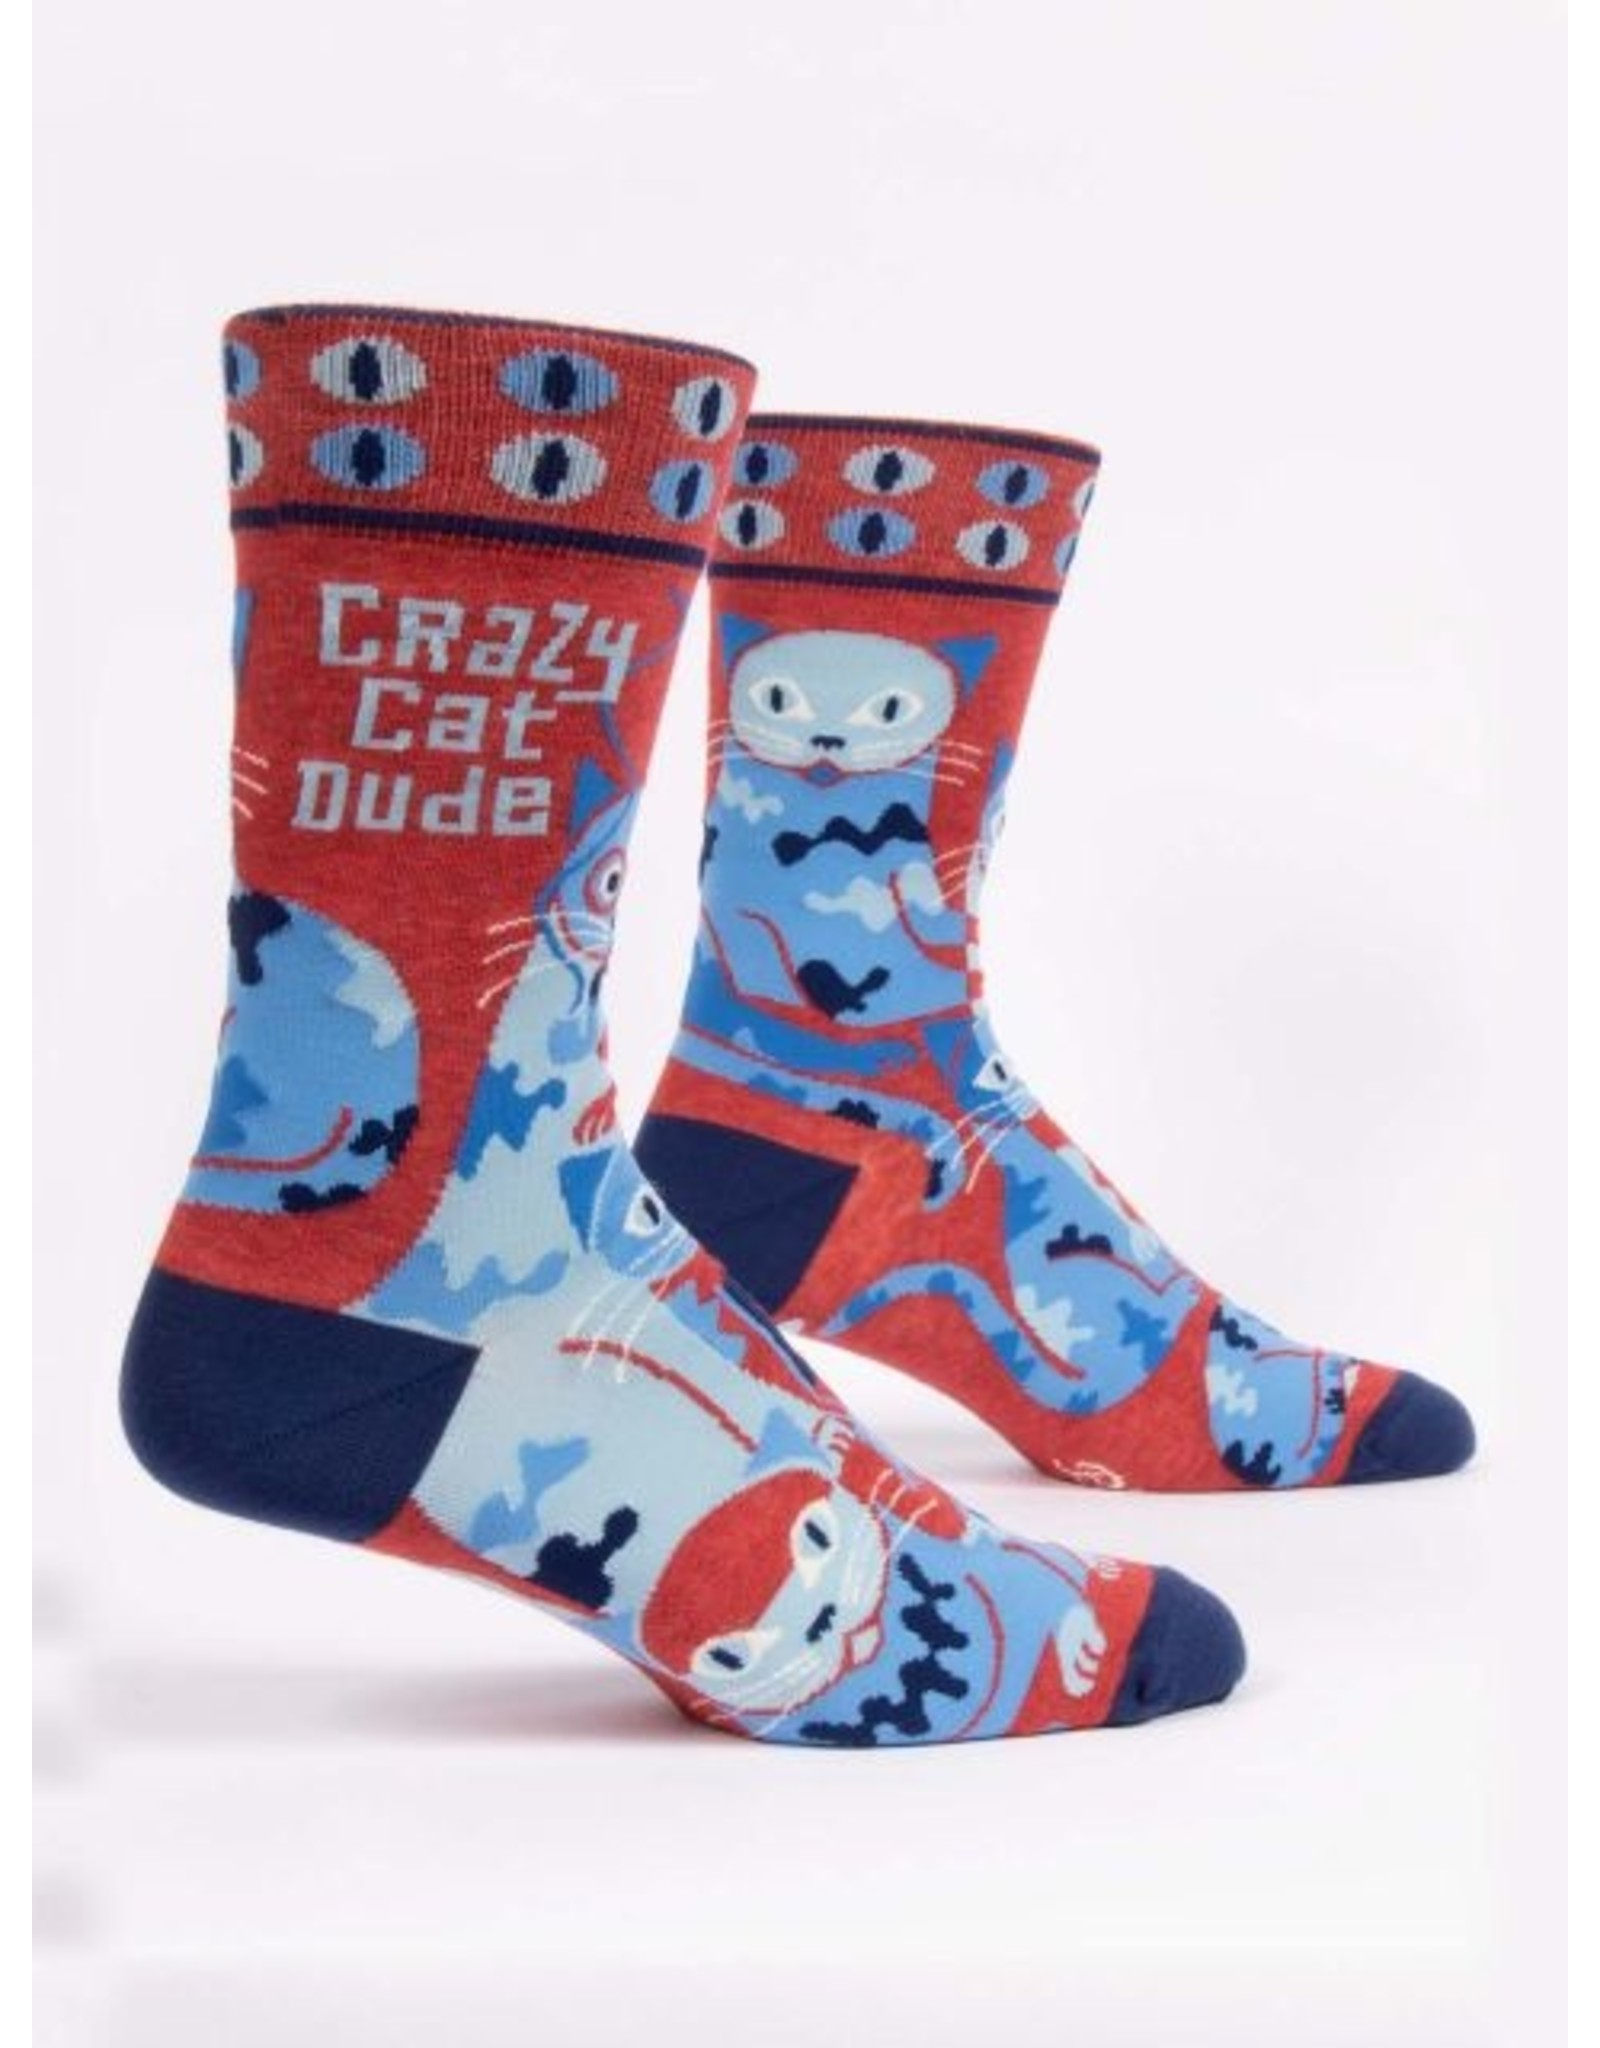 Socks (Mens)  - Crazy Cat Dude (BQ)